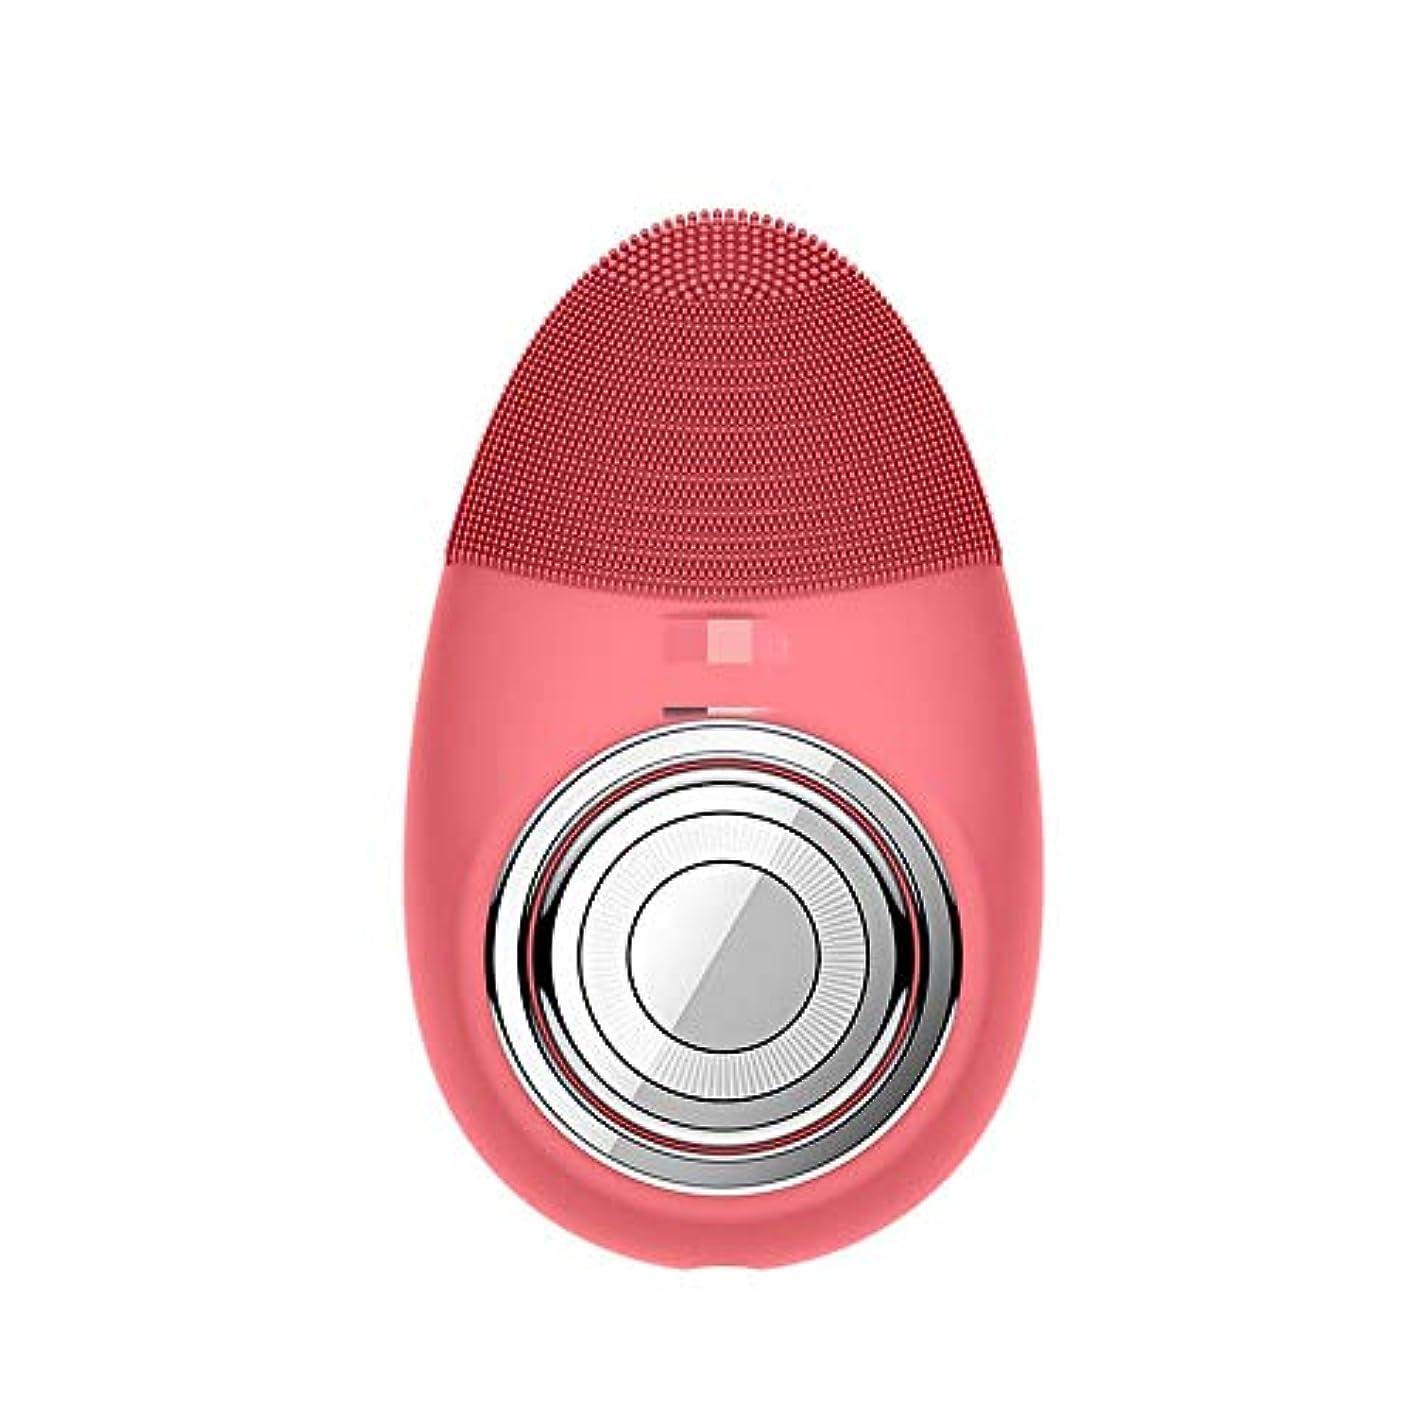 すり減る無心識別するChaopeng 多機能電気恒温シリコーンクレンジング楽器赤灯肌清潔毛穴クリーナー輸入機器美容機器 (Color : Red)